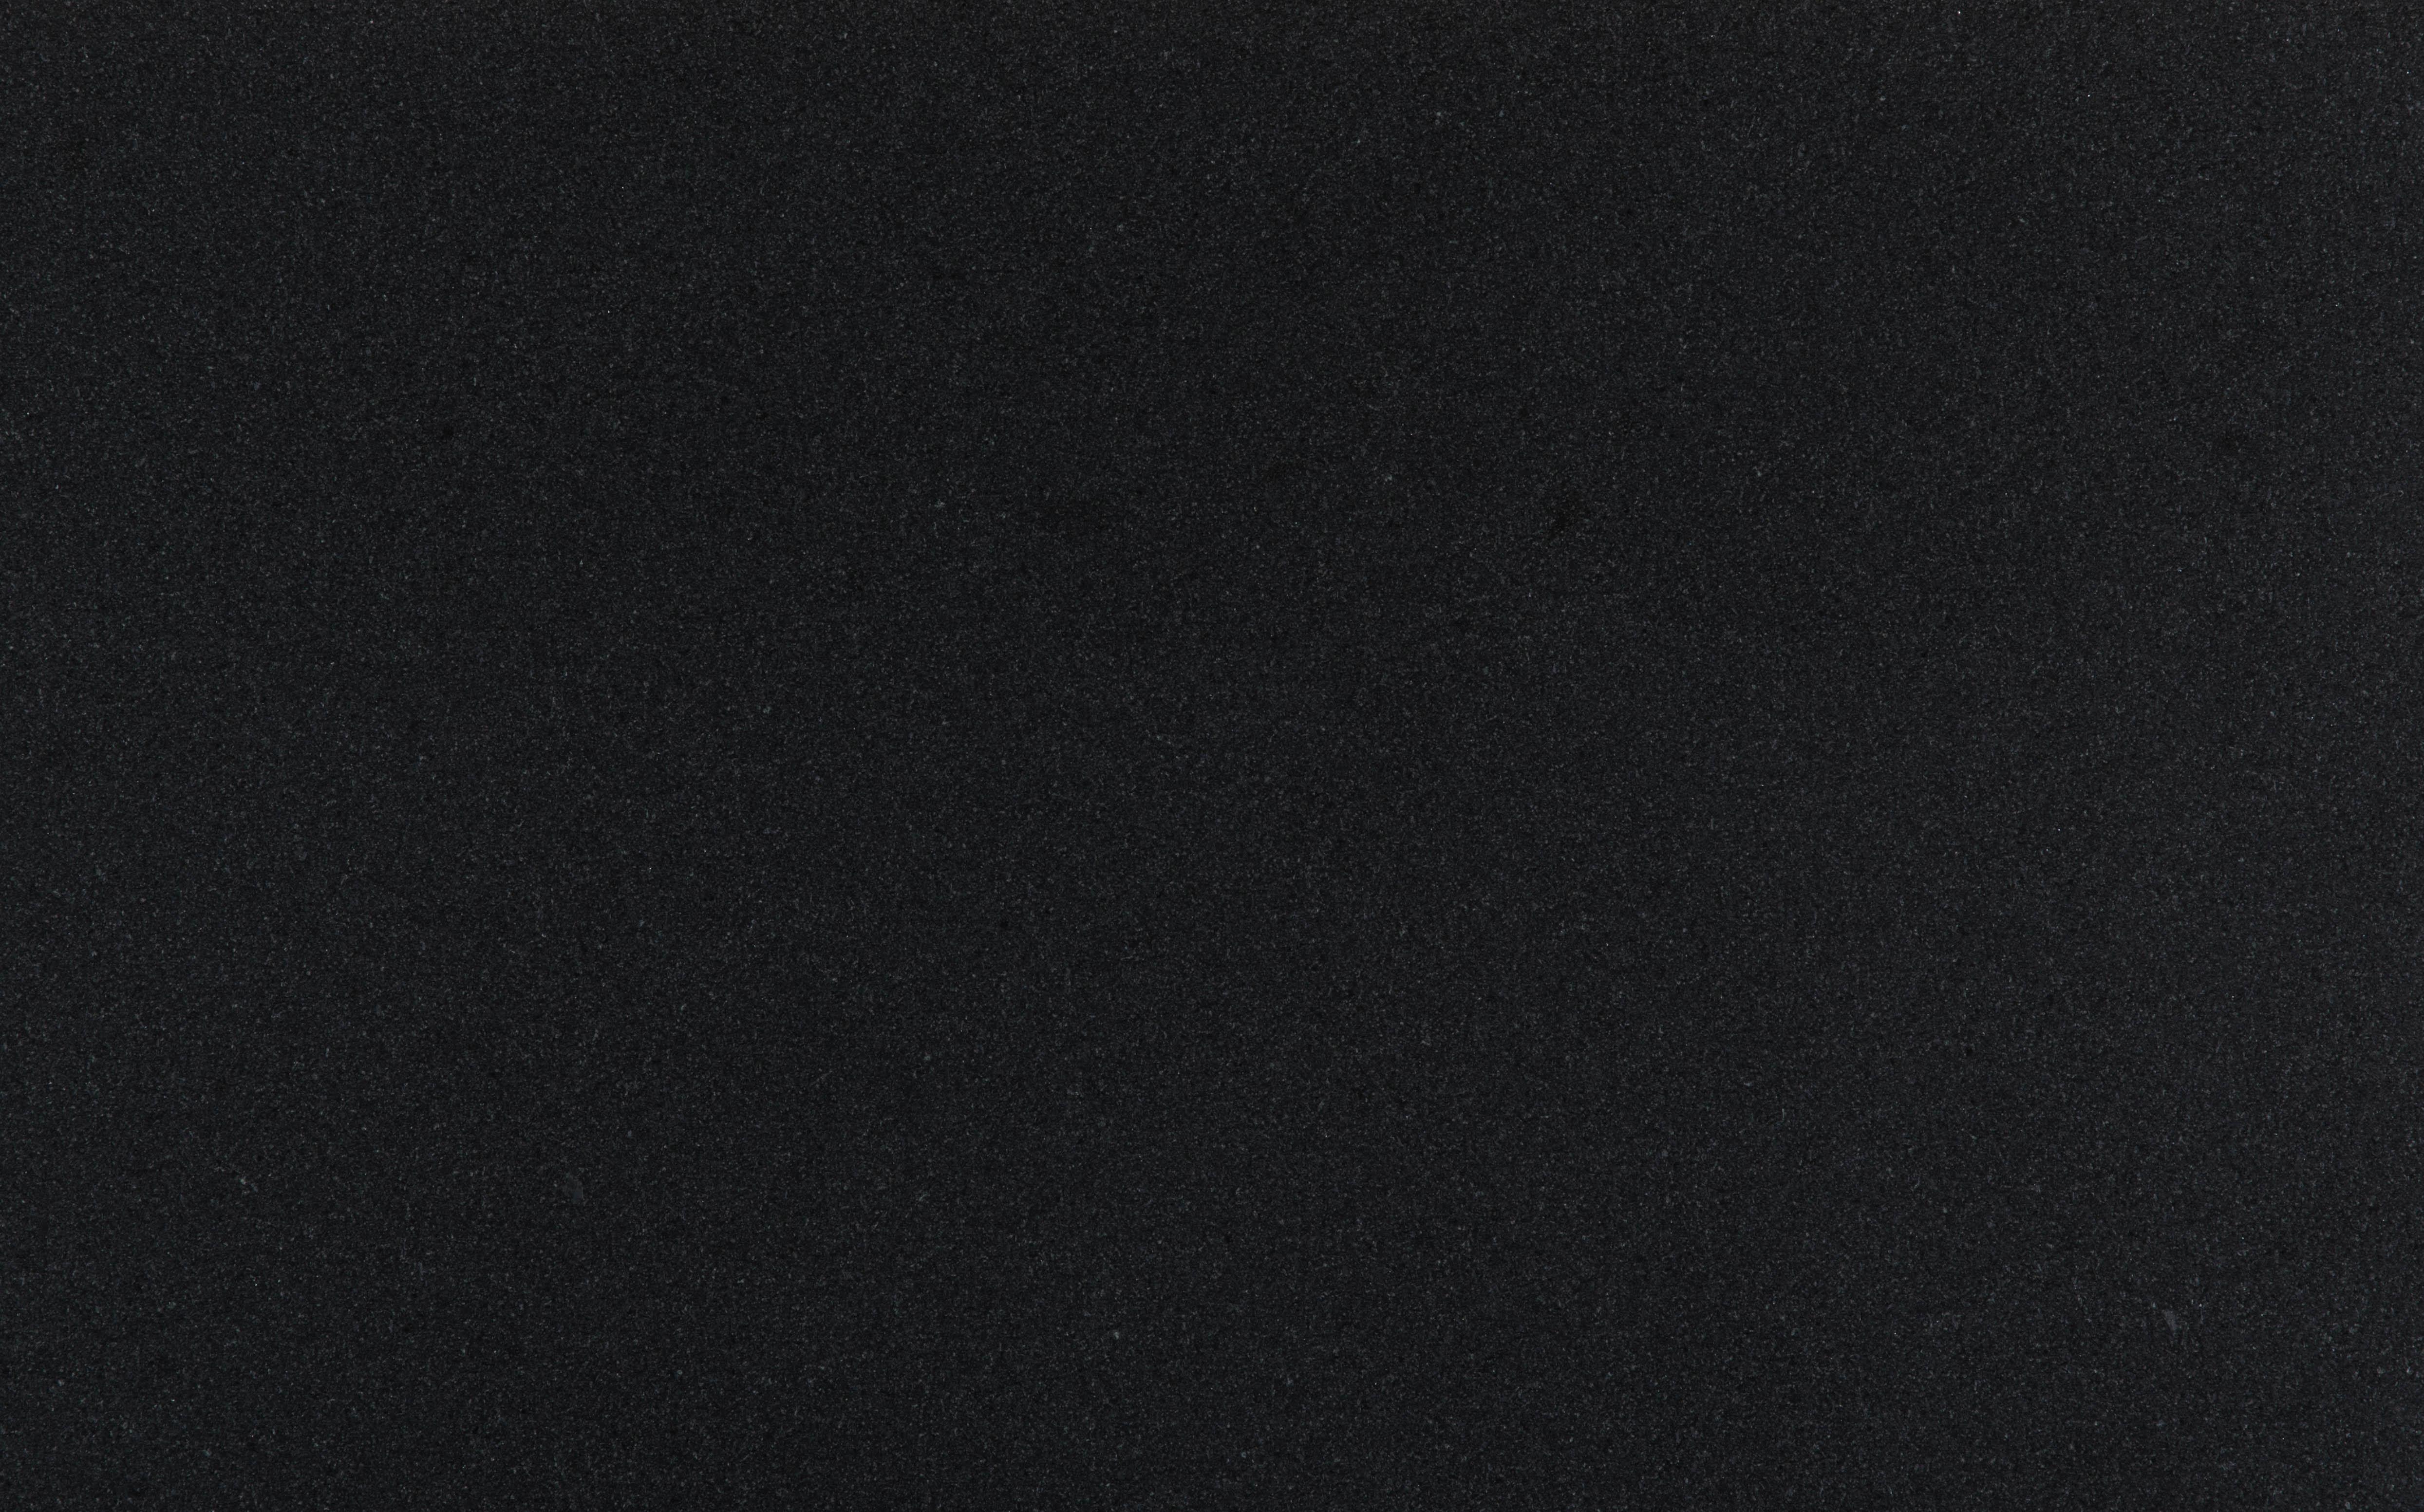 Sensa Moak Black